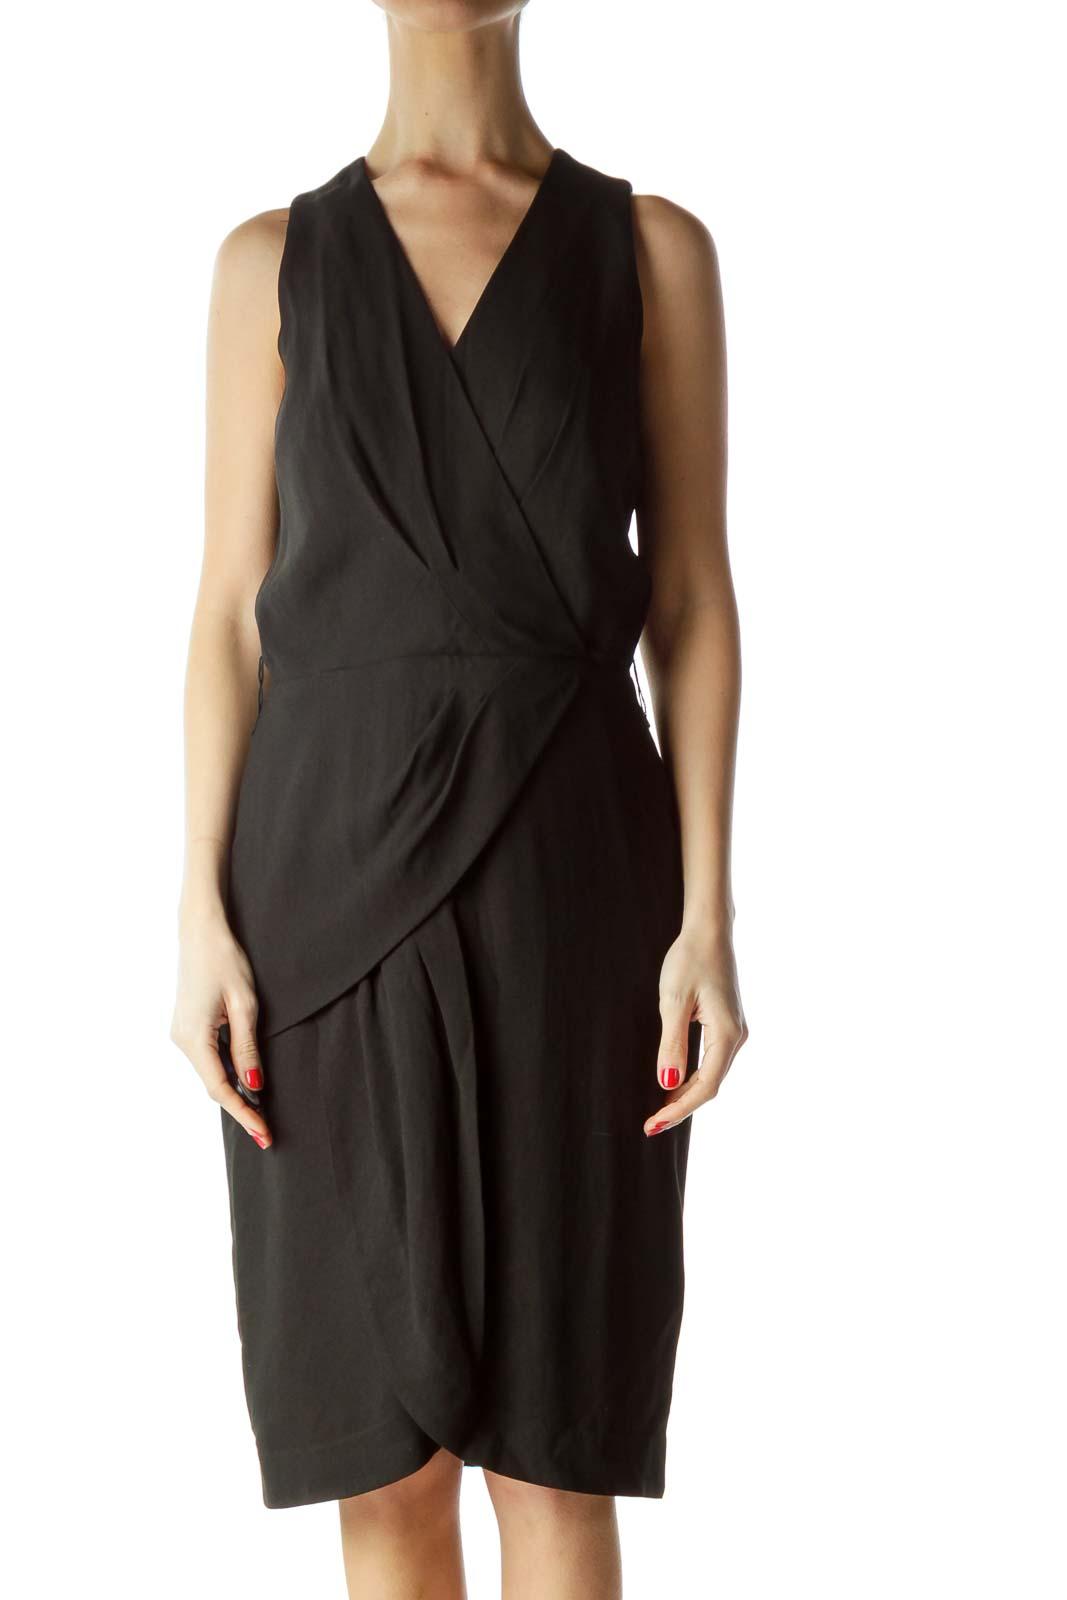 Black Layered V-Neck Work Dress Front